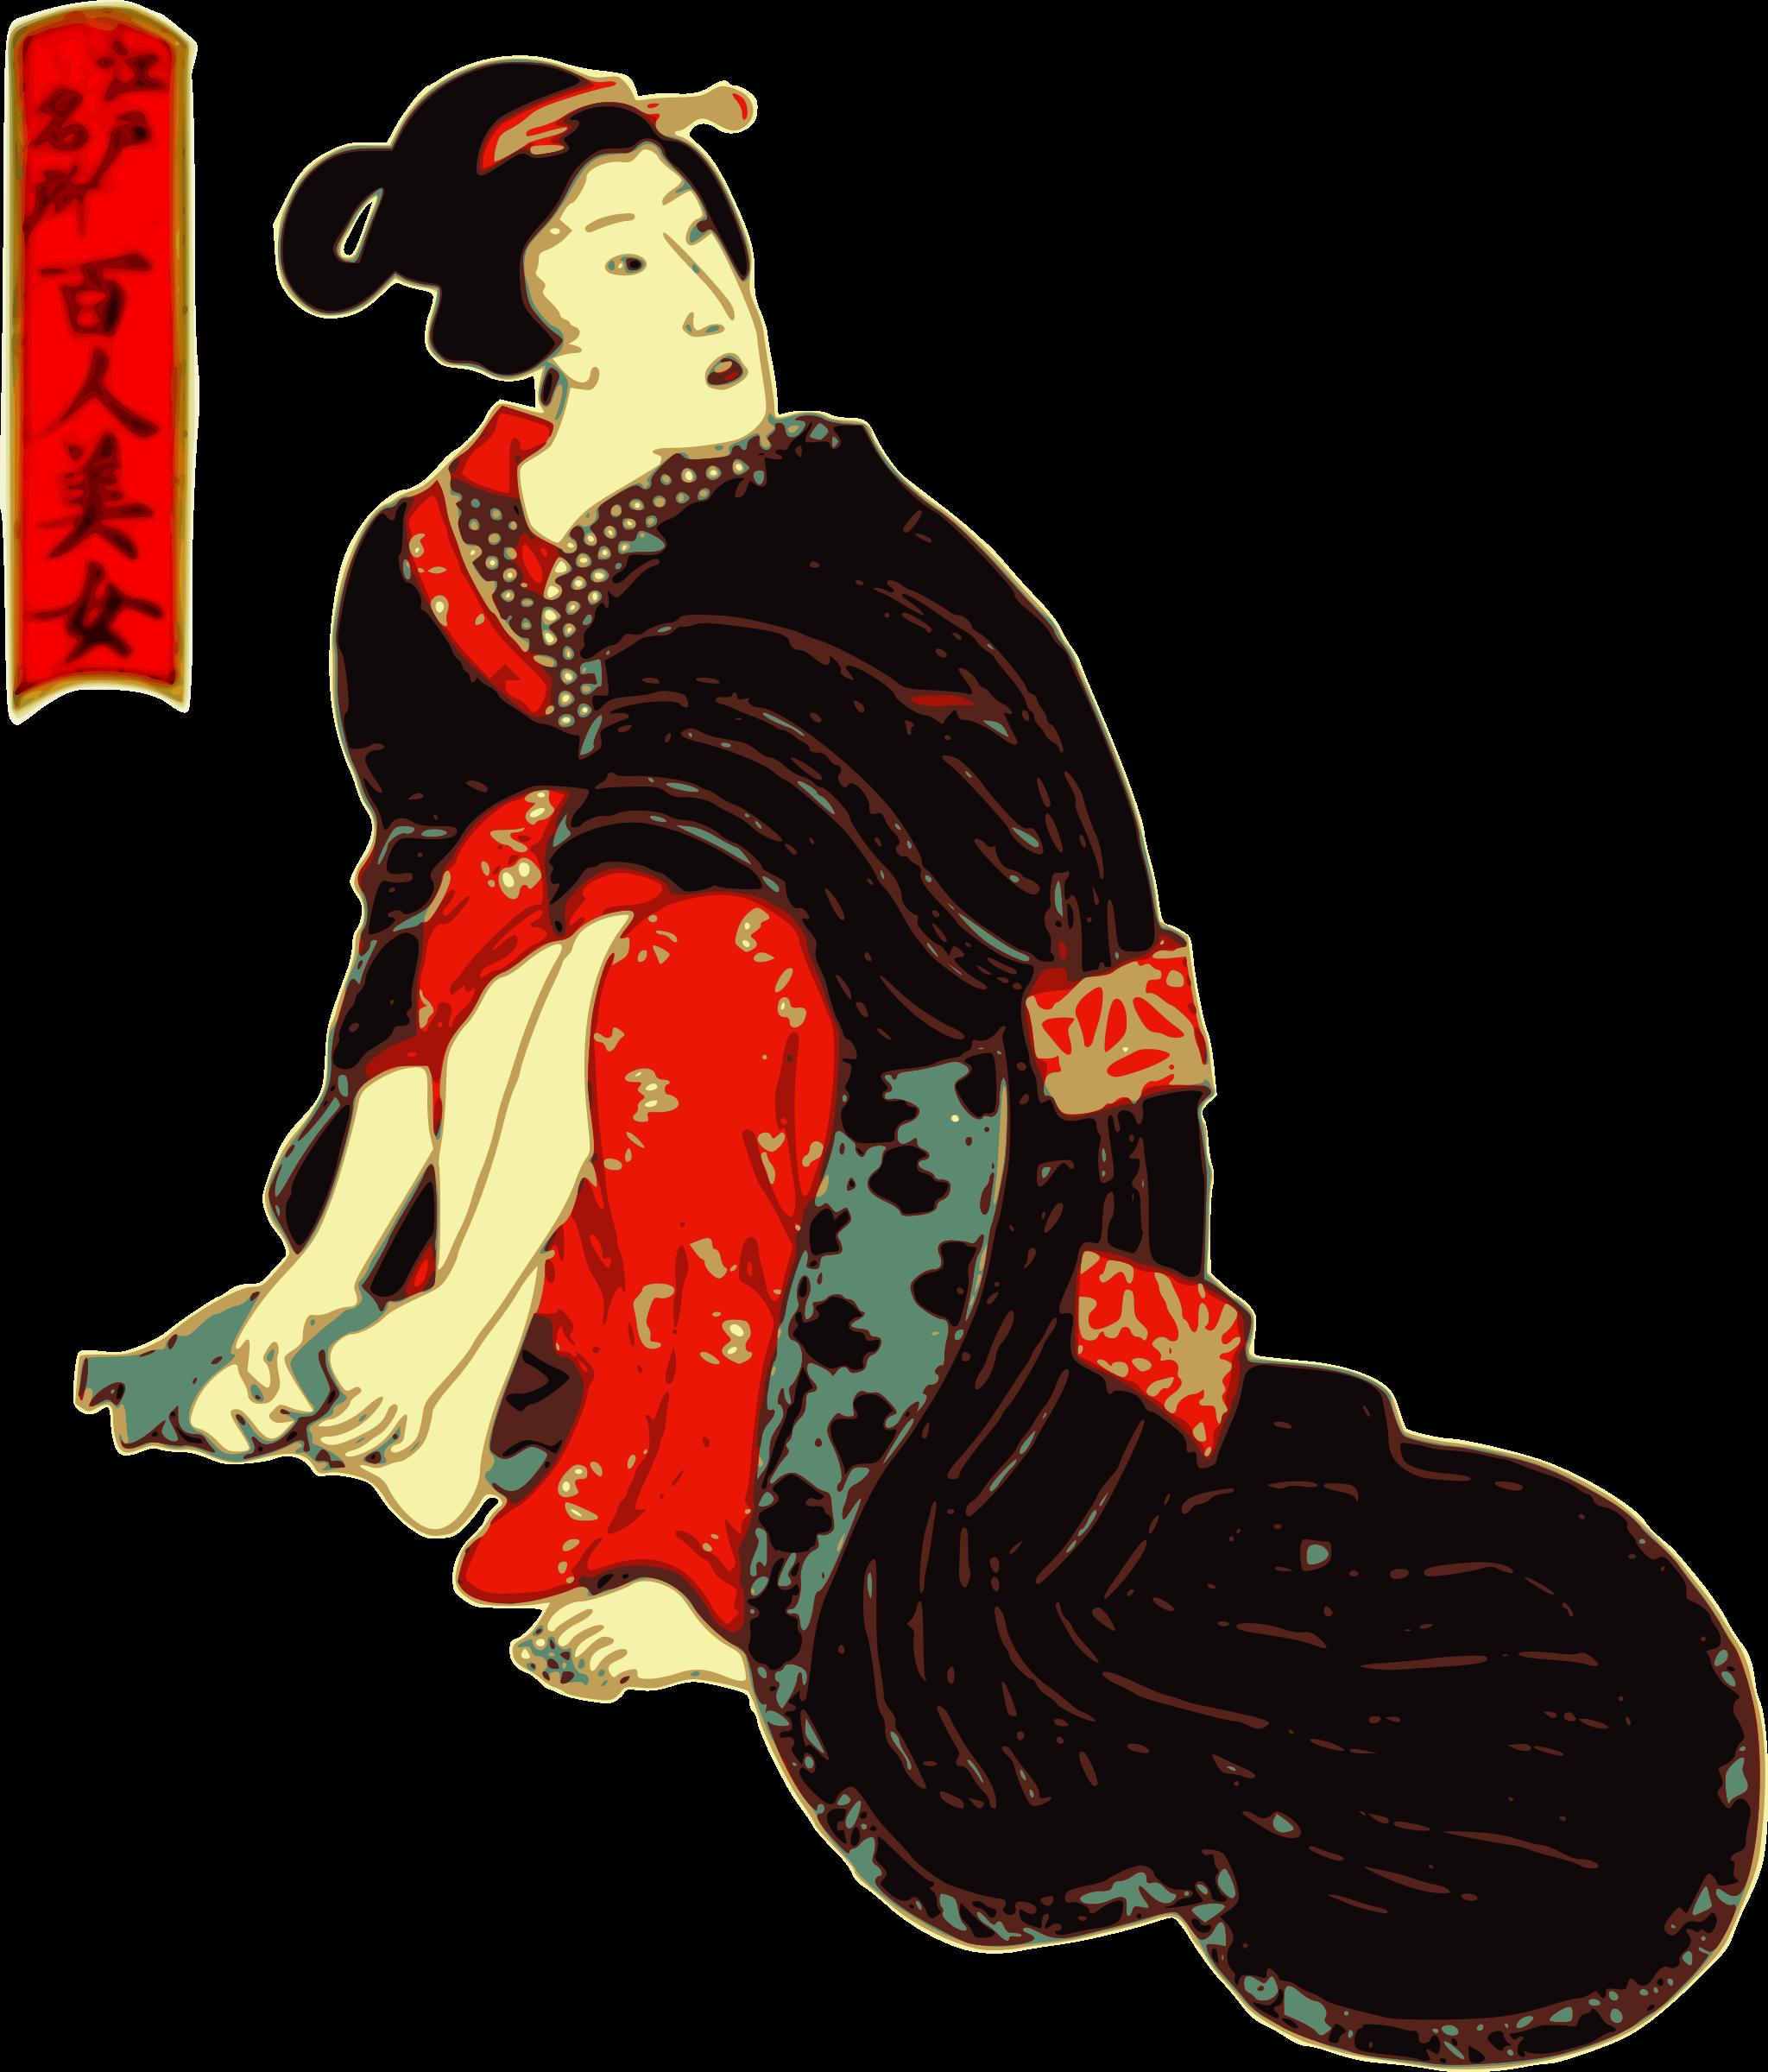 Woman in a kimono. Feet clipart person